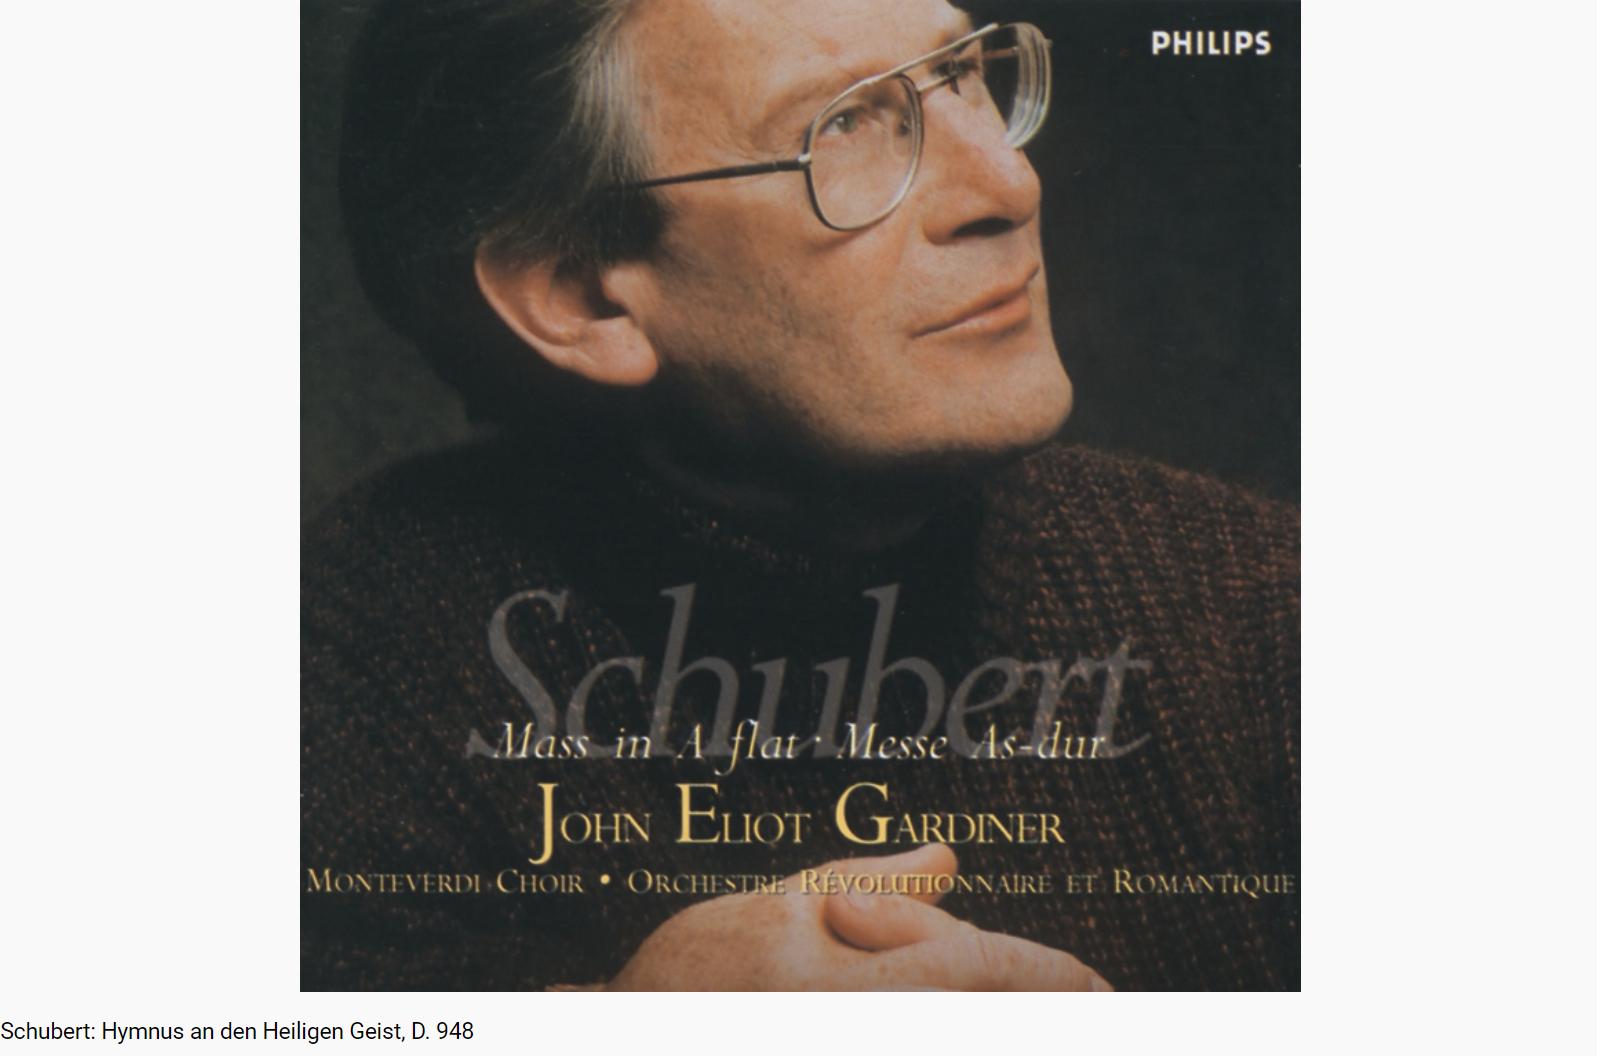 Schubert Hymnus an den Heiligen Geist